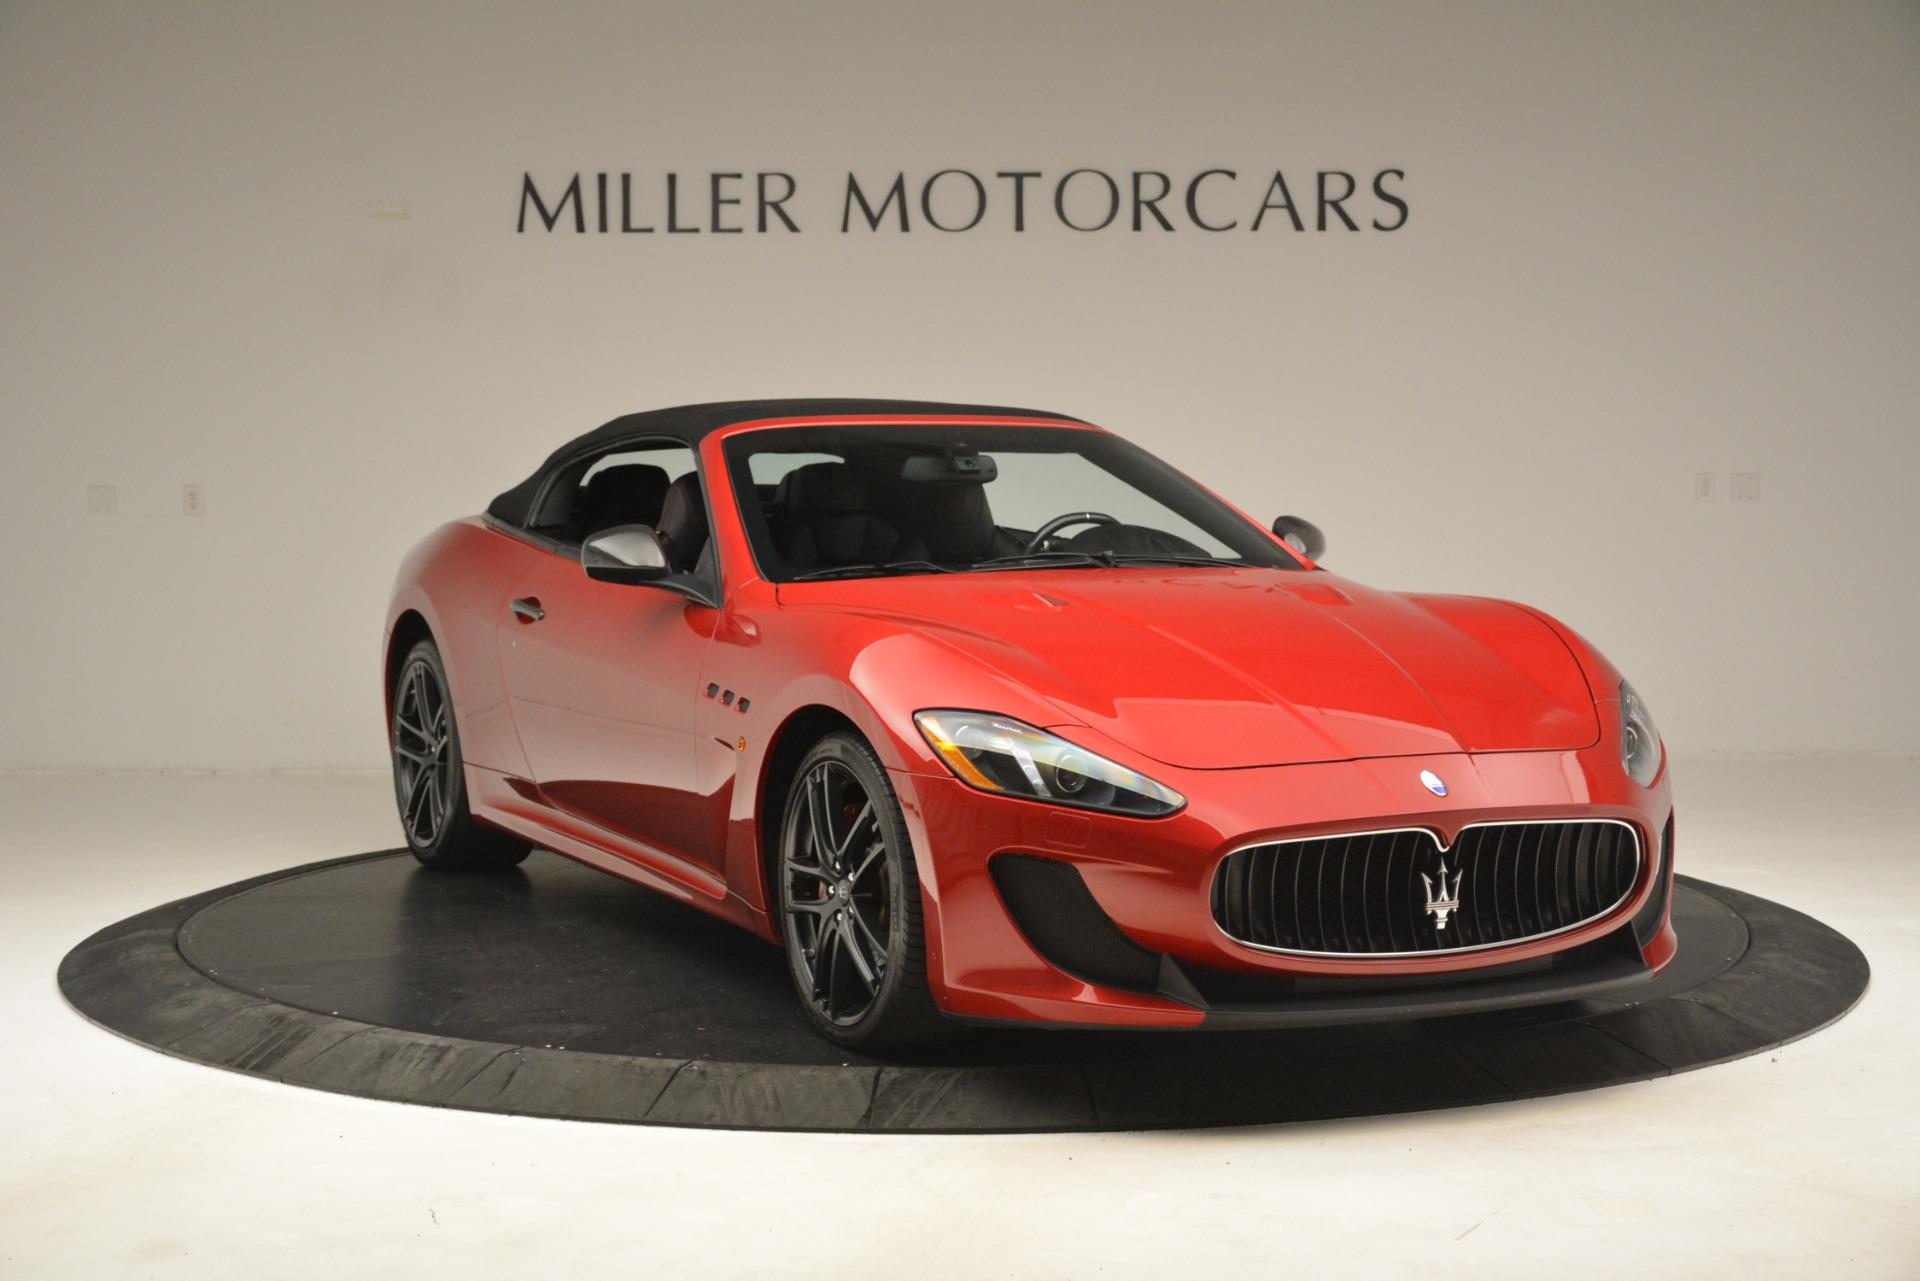 Used 2015 Maserati GranTurismo MC For Sale In Greenwich, CT 3197_p14